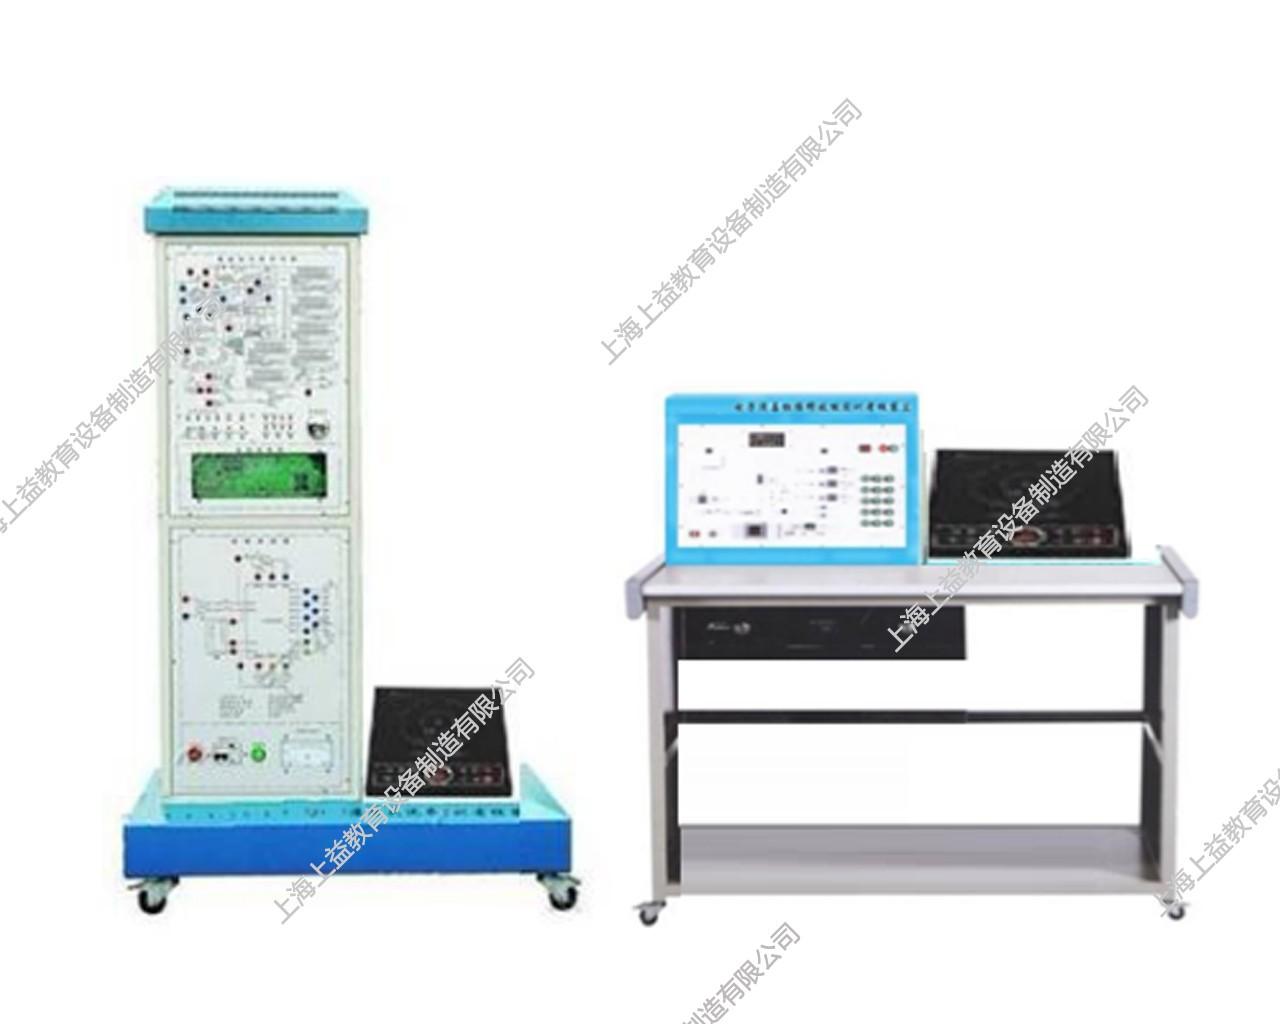 SY-DCL2型 电磁炉维修技能wwwlehu8viplehu68vip装置